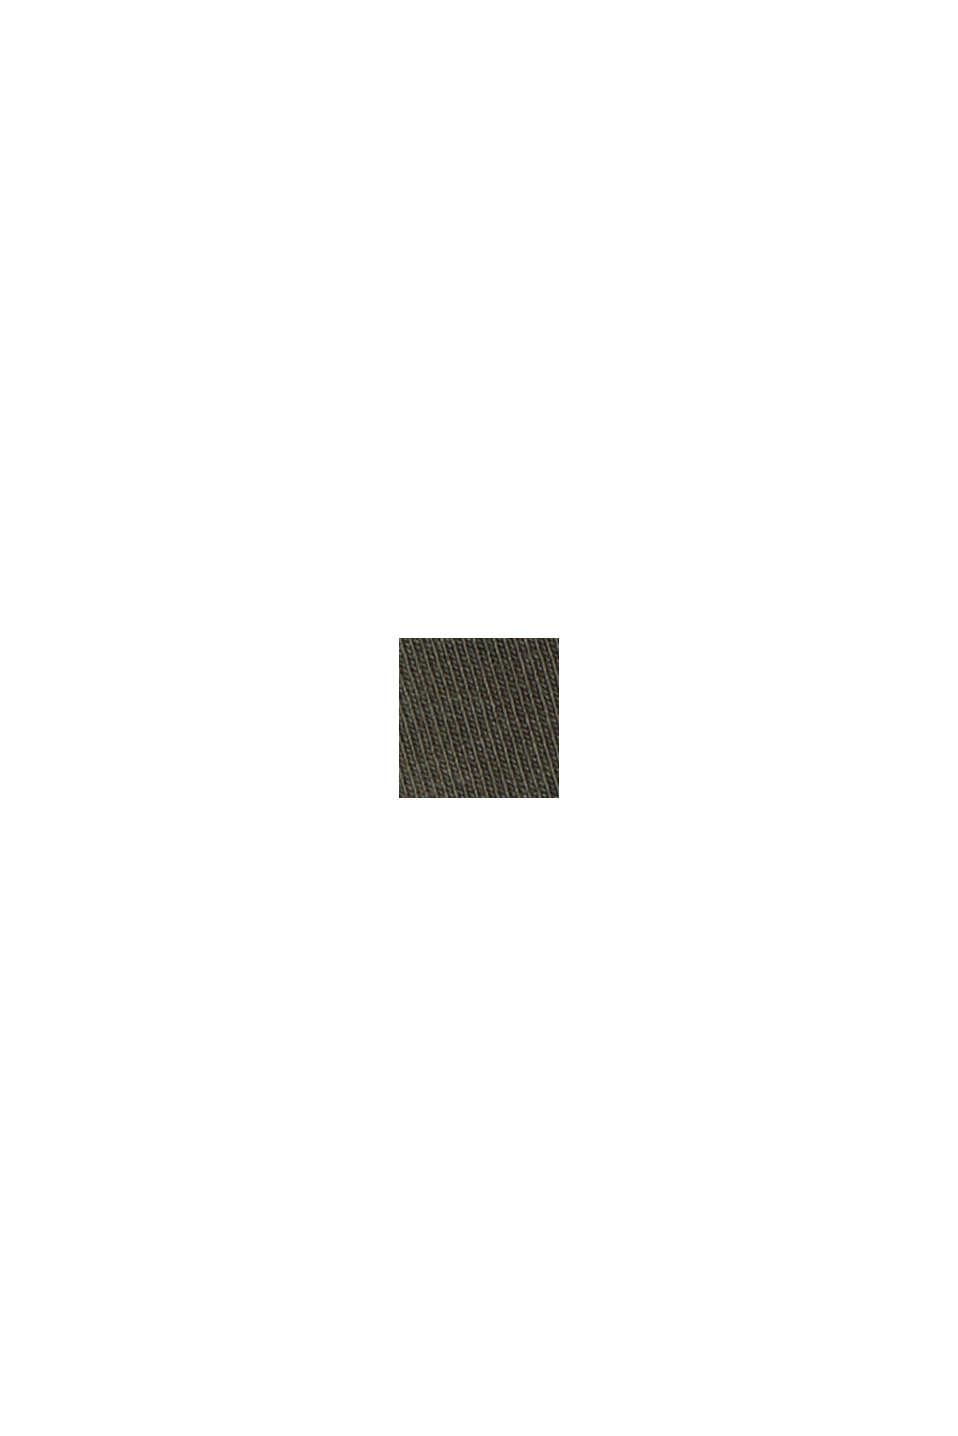 Maglia senza maniche con coulisse, cotone biologico, DARK KHAKI, swatch